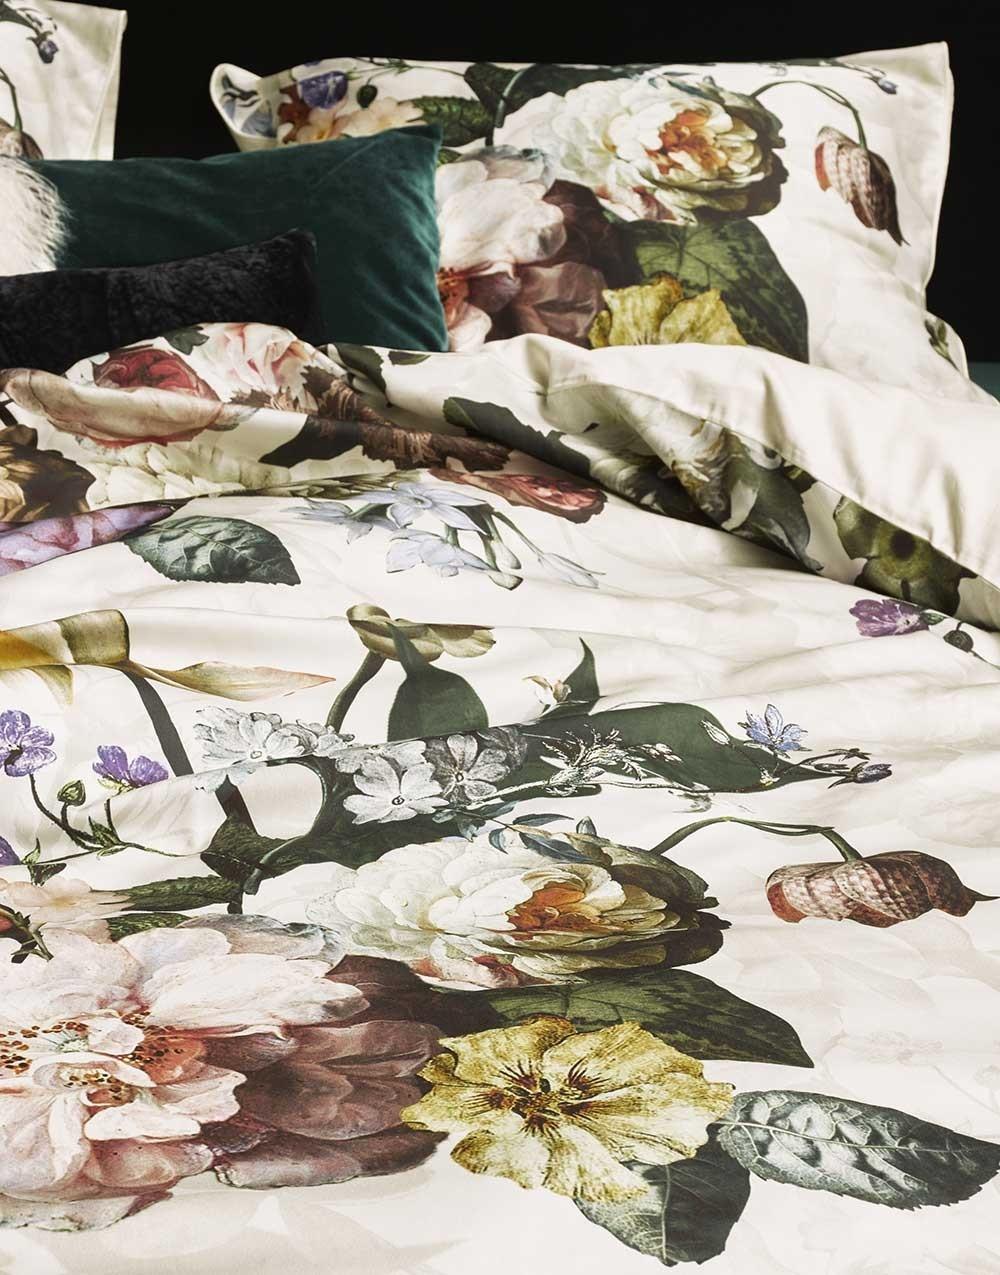 Ekstra Køb Fleur Ecru sengetøj 200x220 cm fra Essenza her. BC38